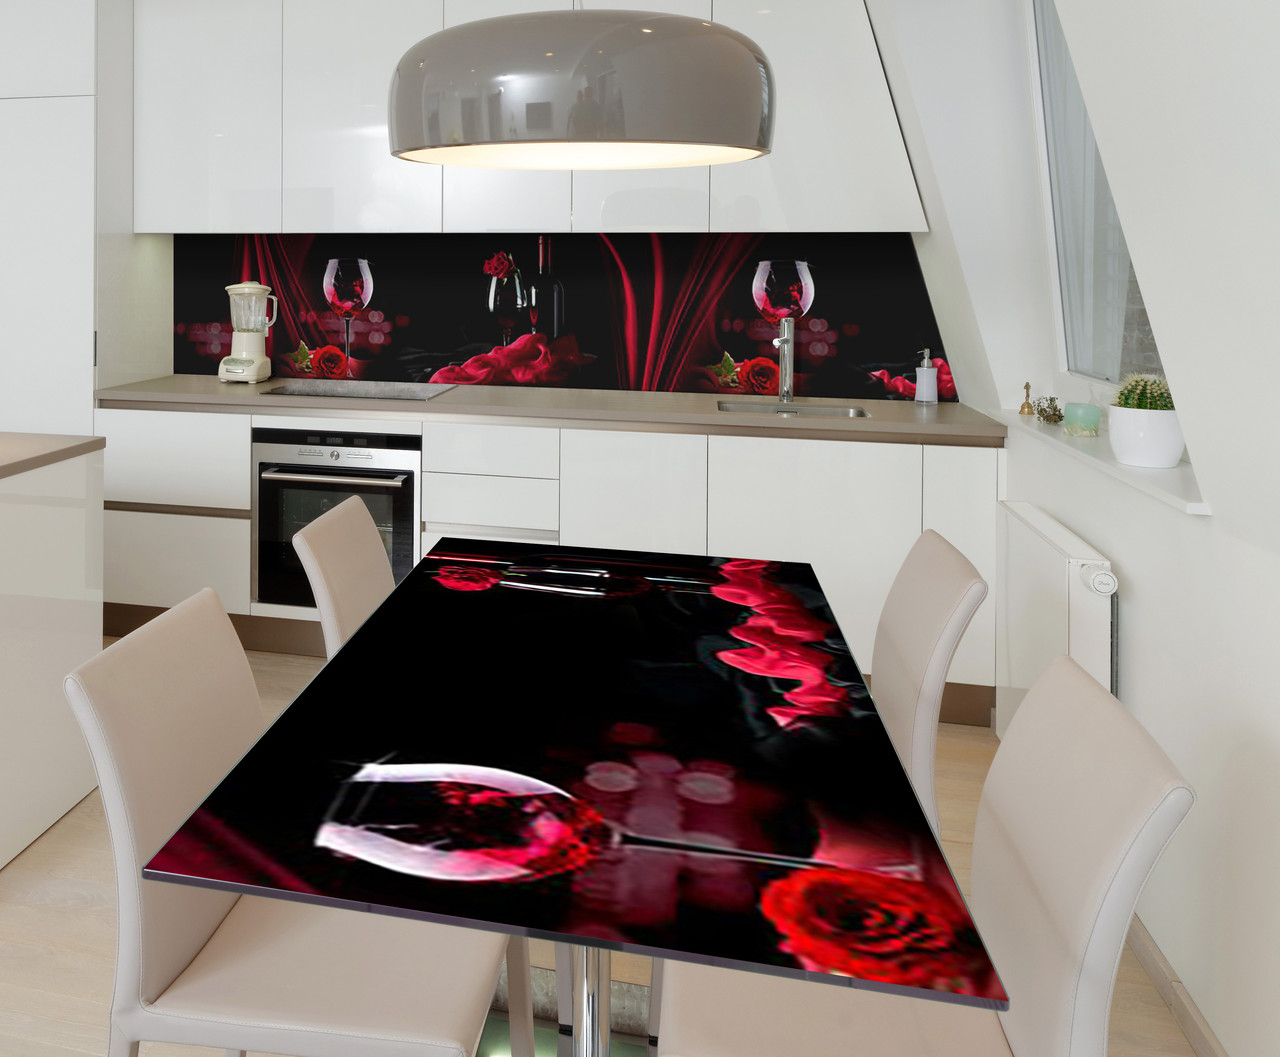 Наклейка 3Д виниловая на стол Zatarga «Страстный бархат» 650х1200 мм для домов, квартир, столов, кофейн, кафе